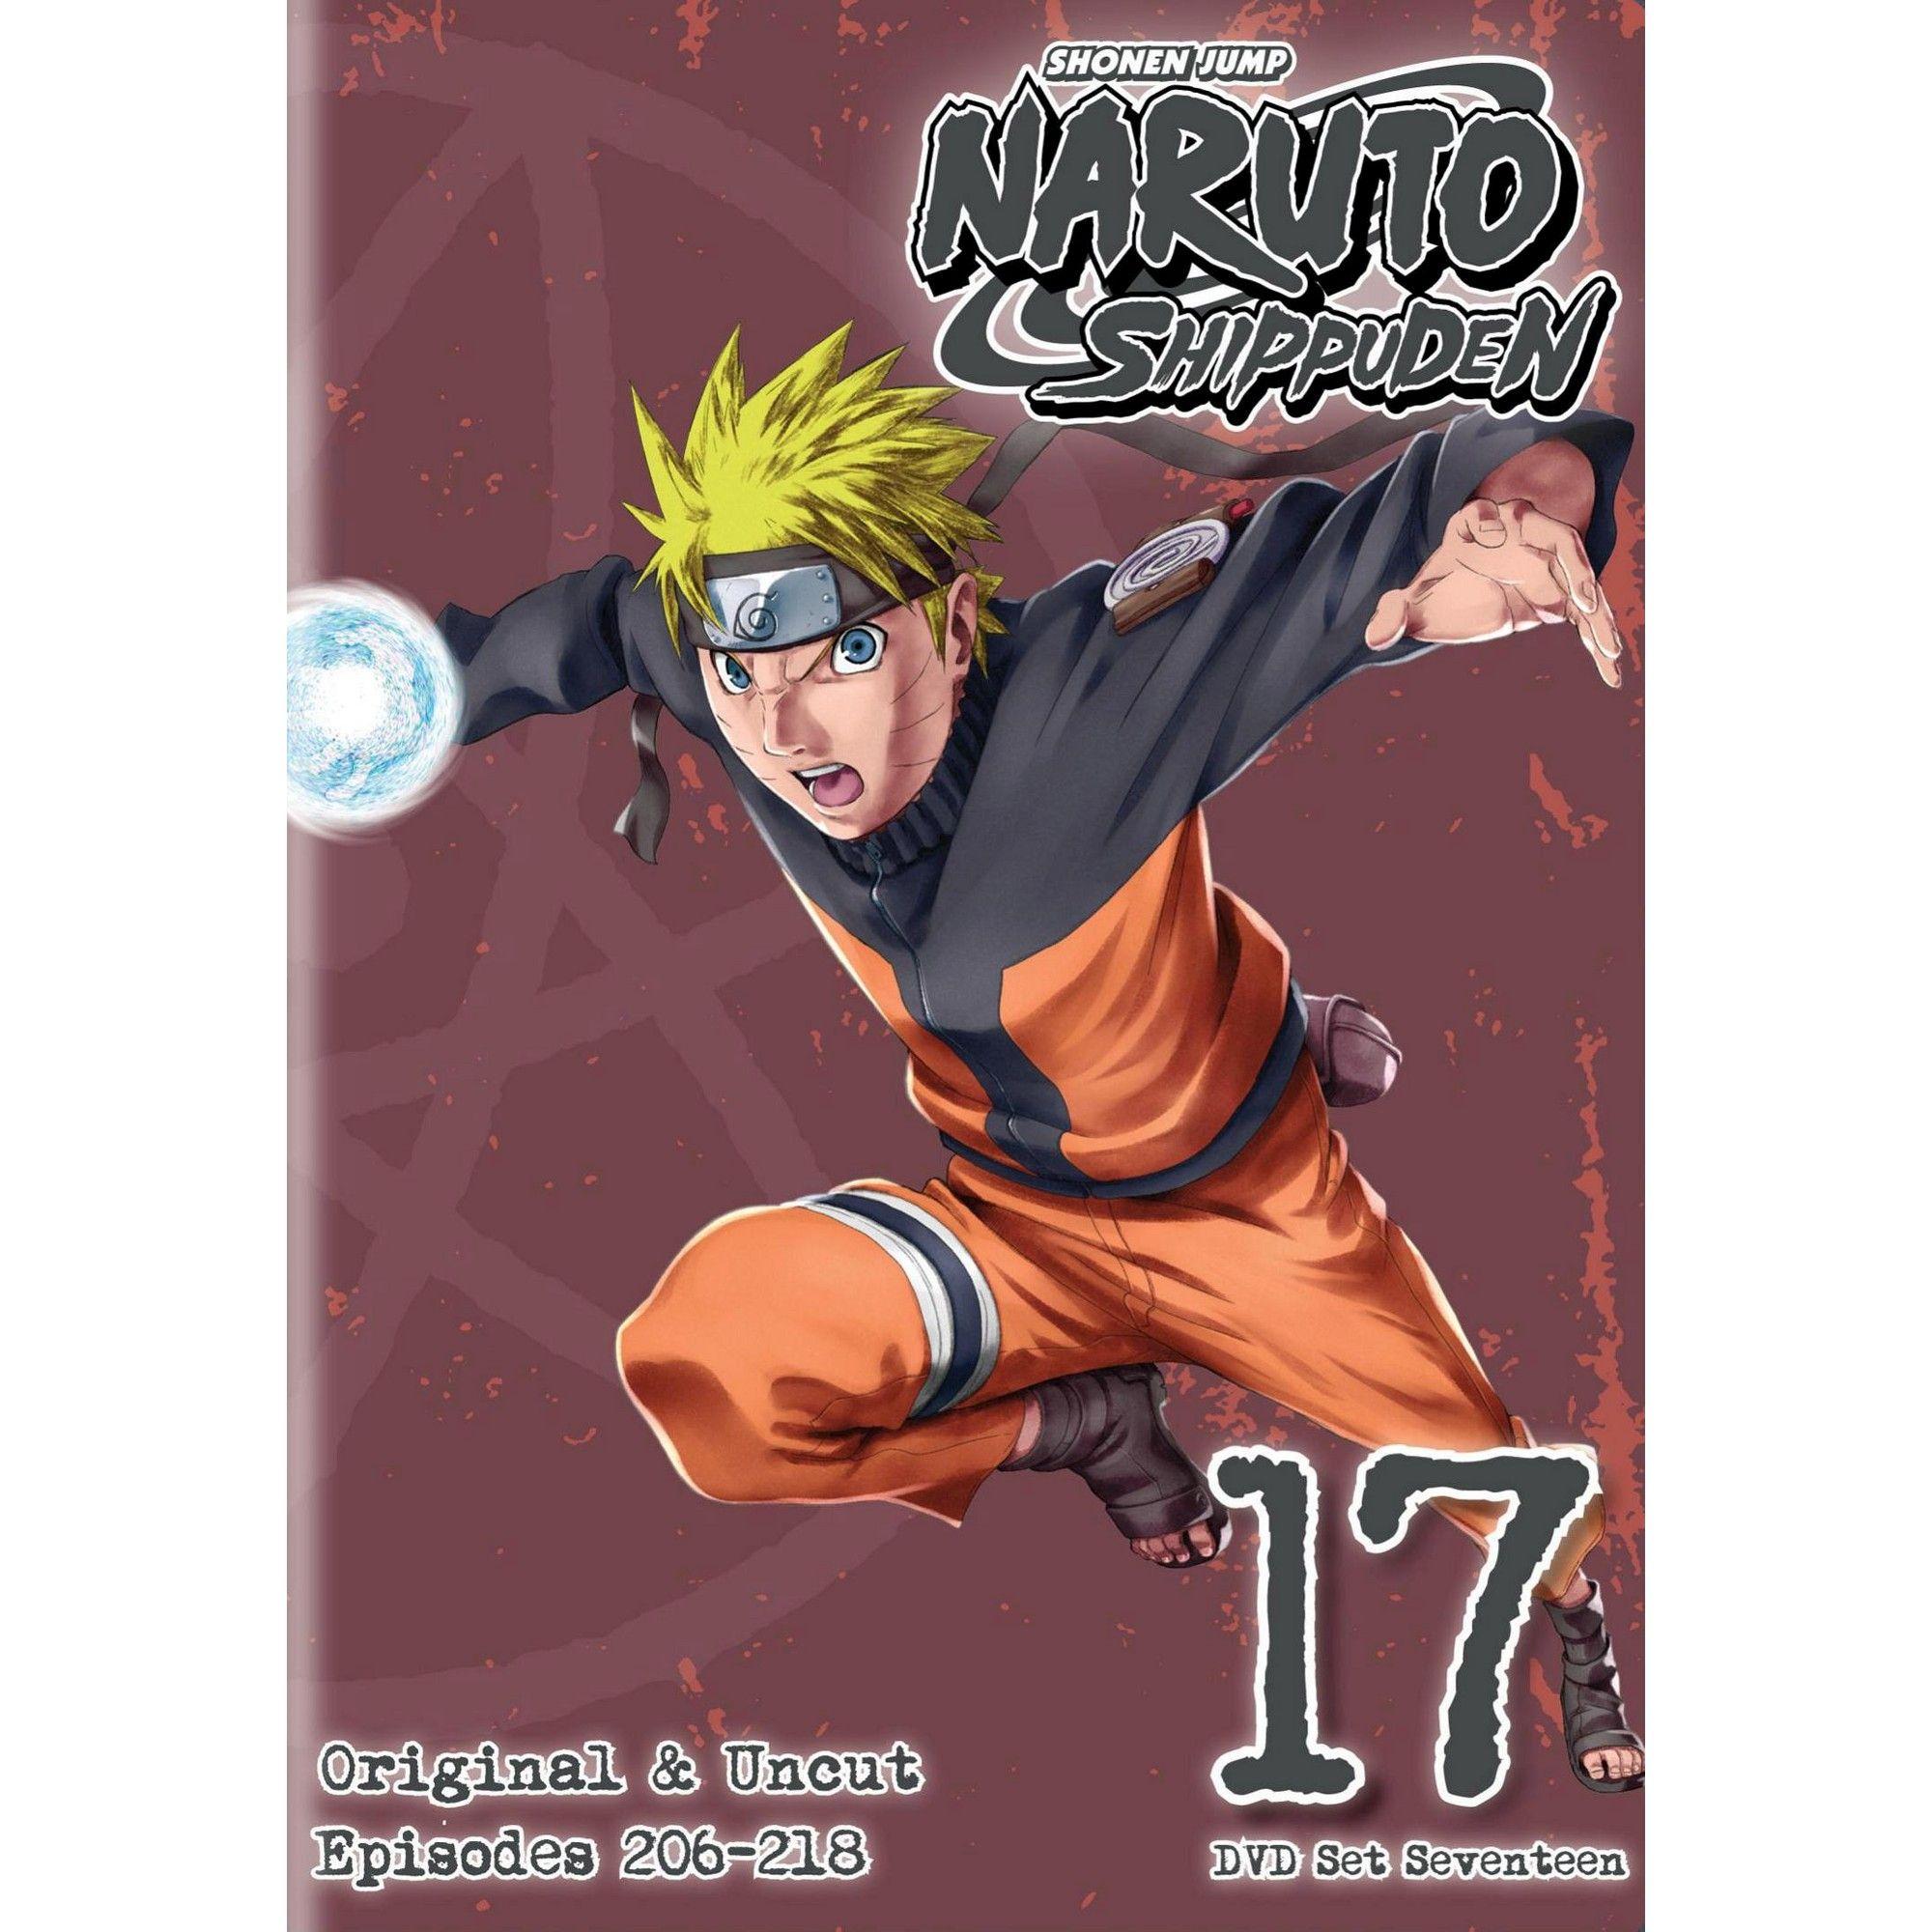 Naruto Shippuden: Box Set 17 (DVD)(2014) | Naruto shippuden, Naruto, Anime  dvd